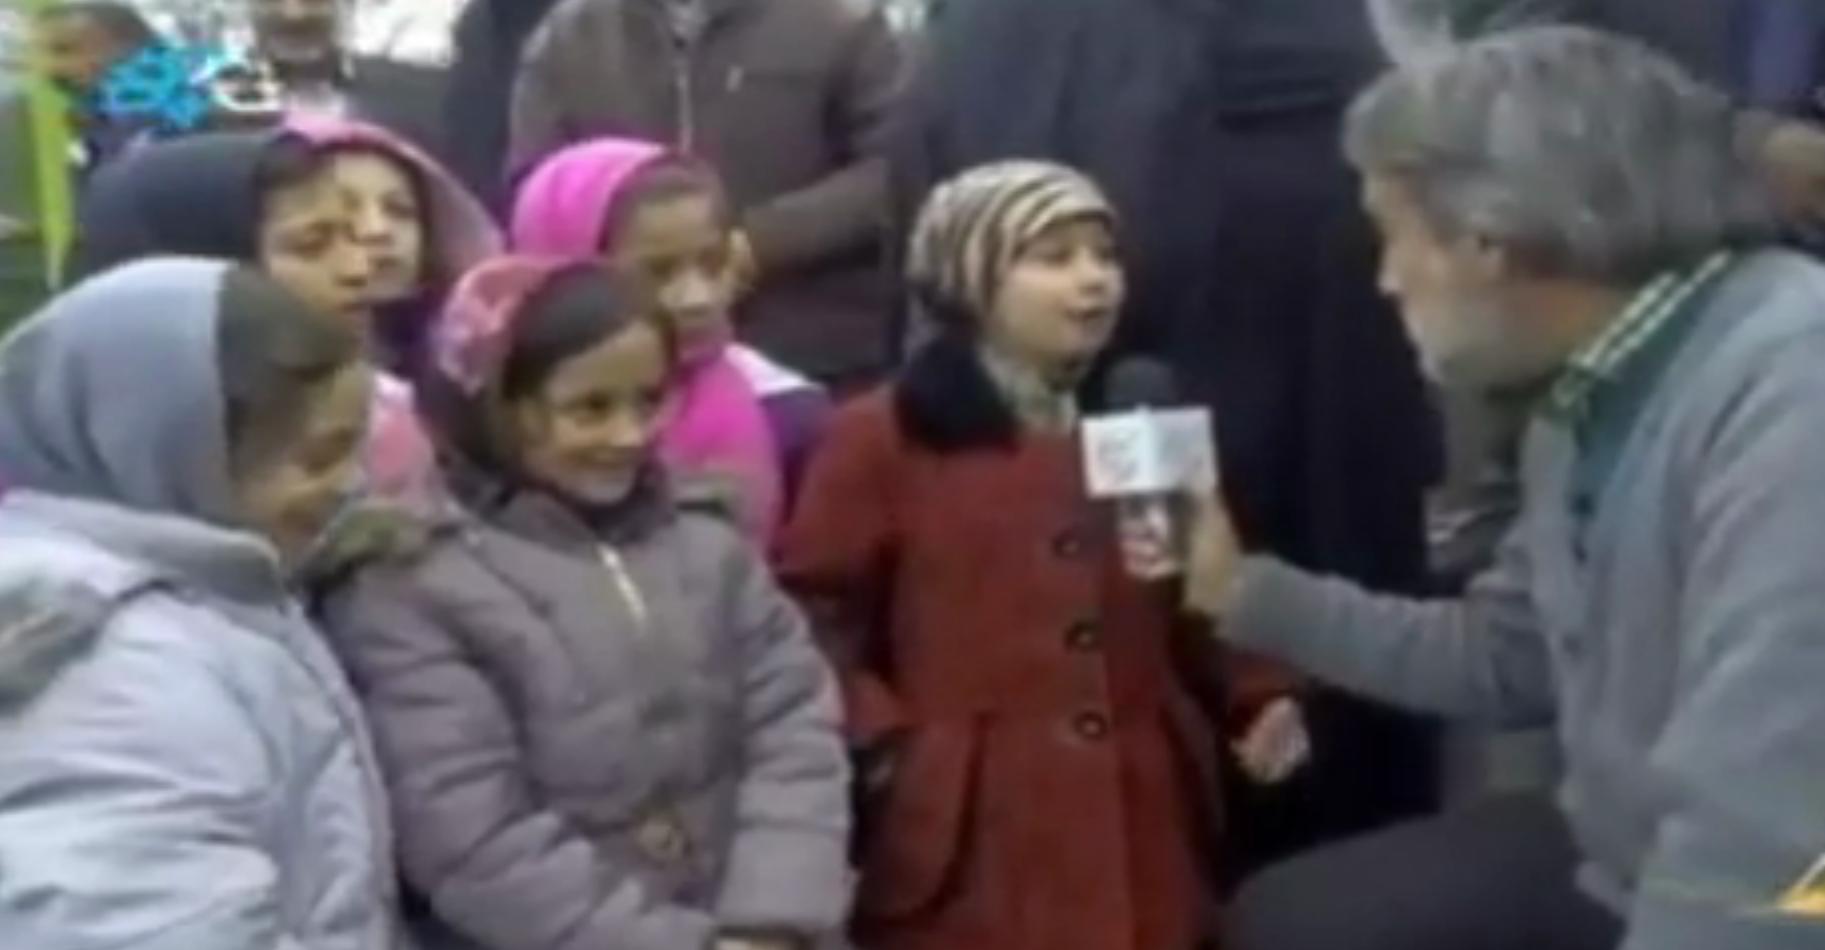 ویدئوی منتشر شده از دانش آموز خوش زبان ورنکشی پیش از فوت در زلزله + فیلم